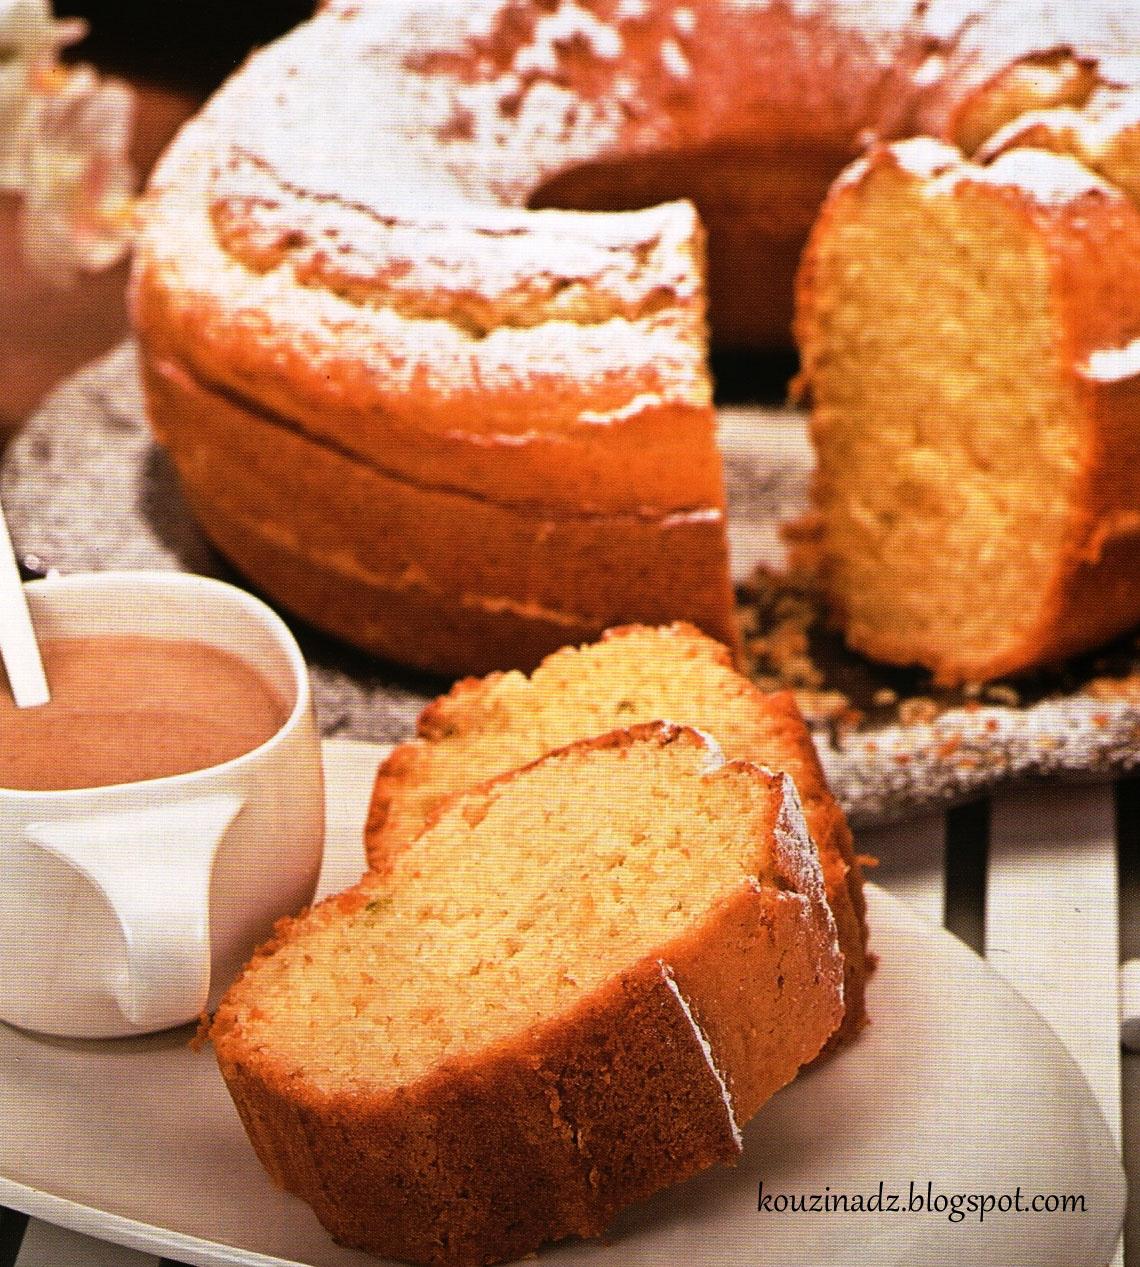 La Cuisine Algerienne: La Cuisine Algérienne: Mouskoutchou Classique